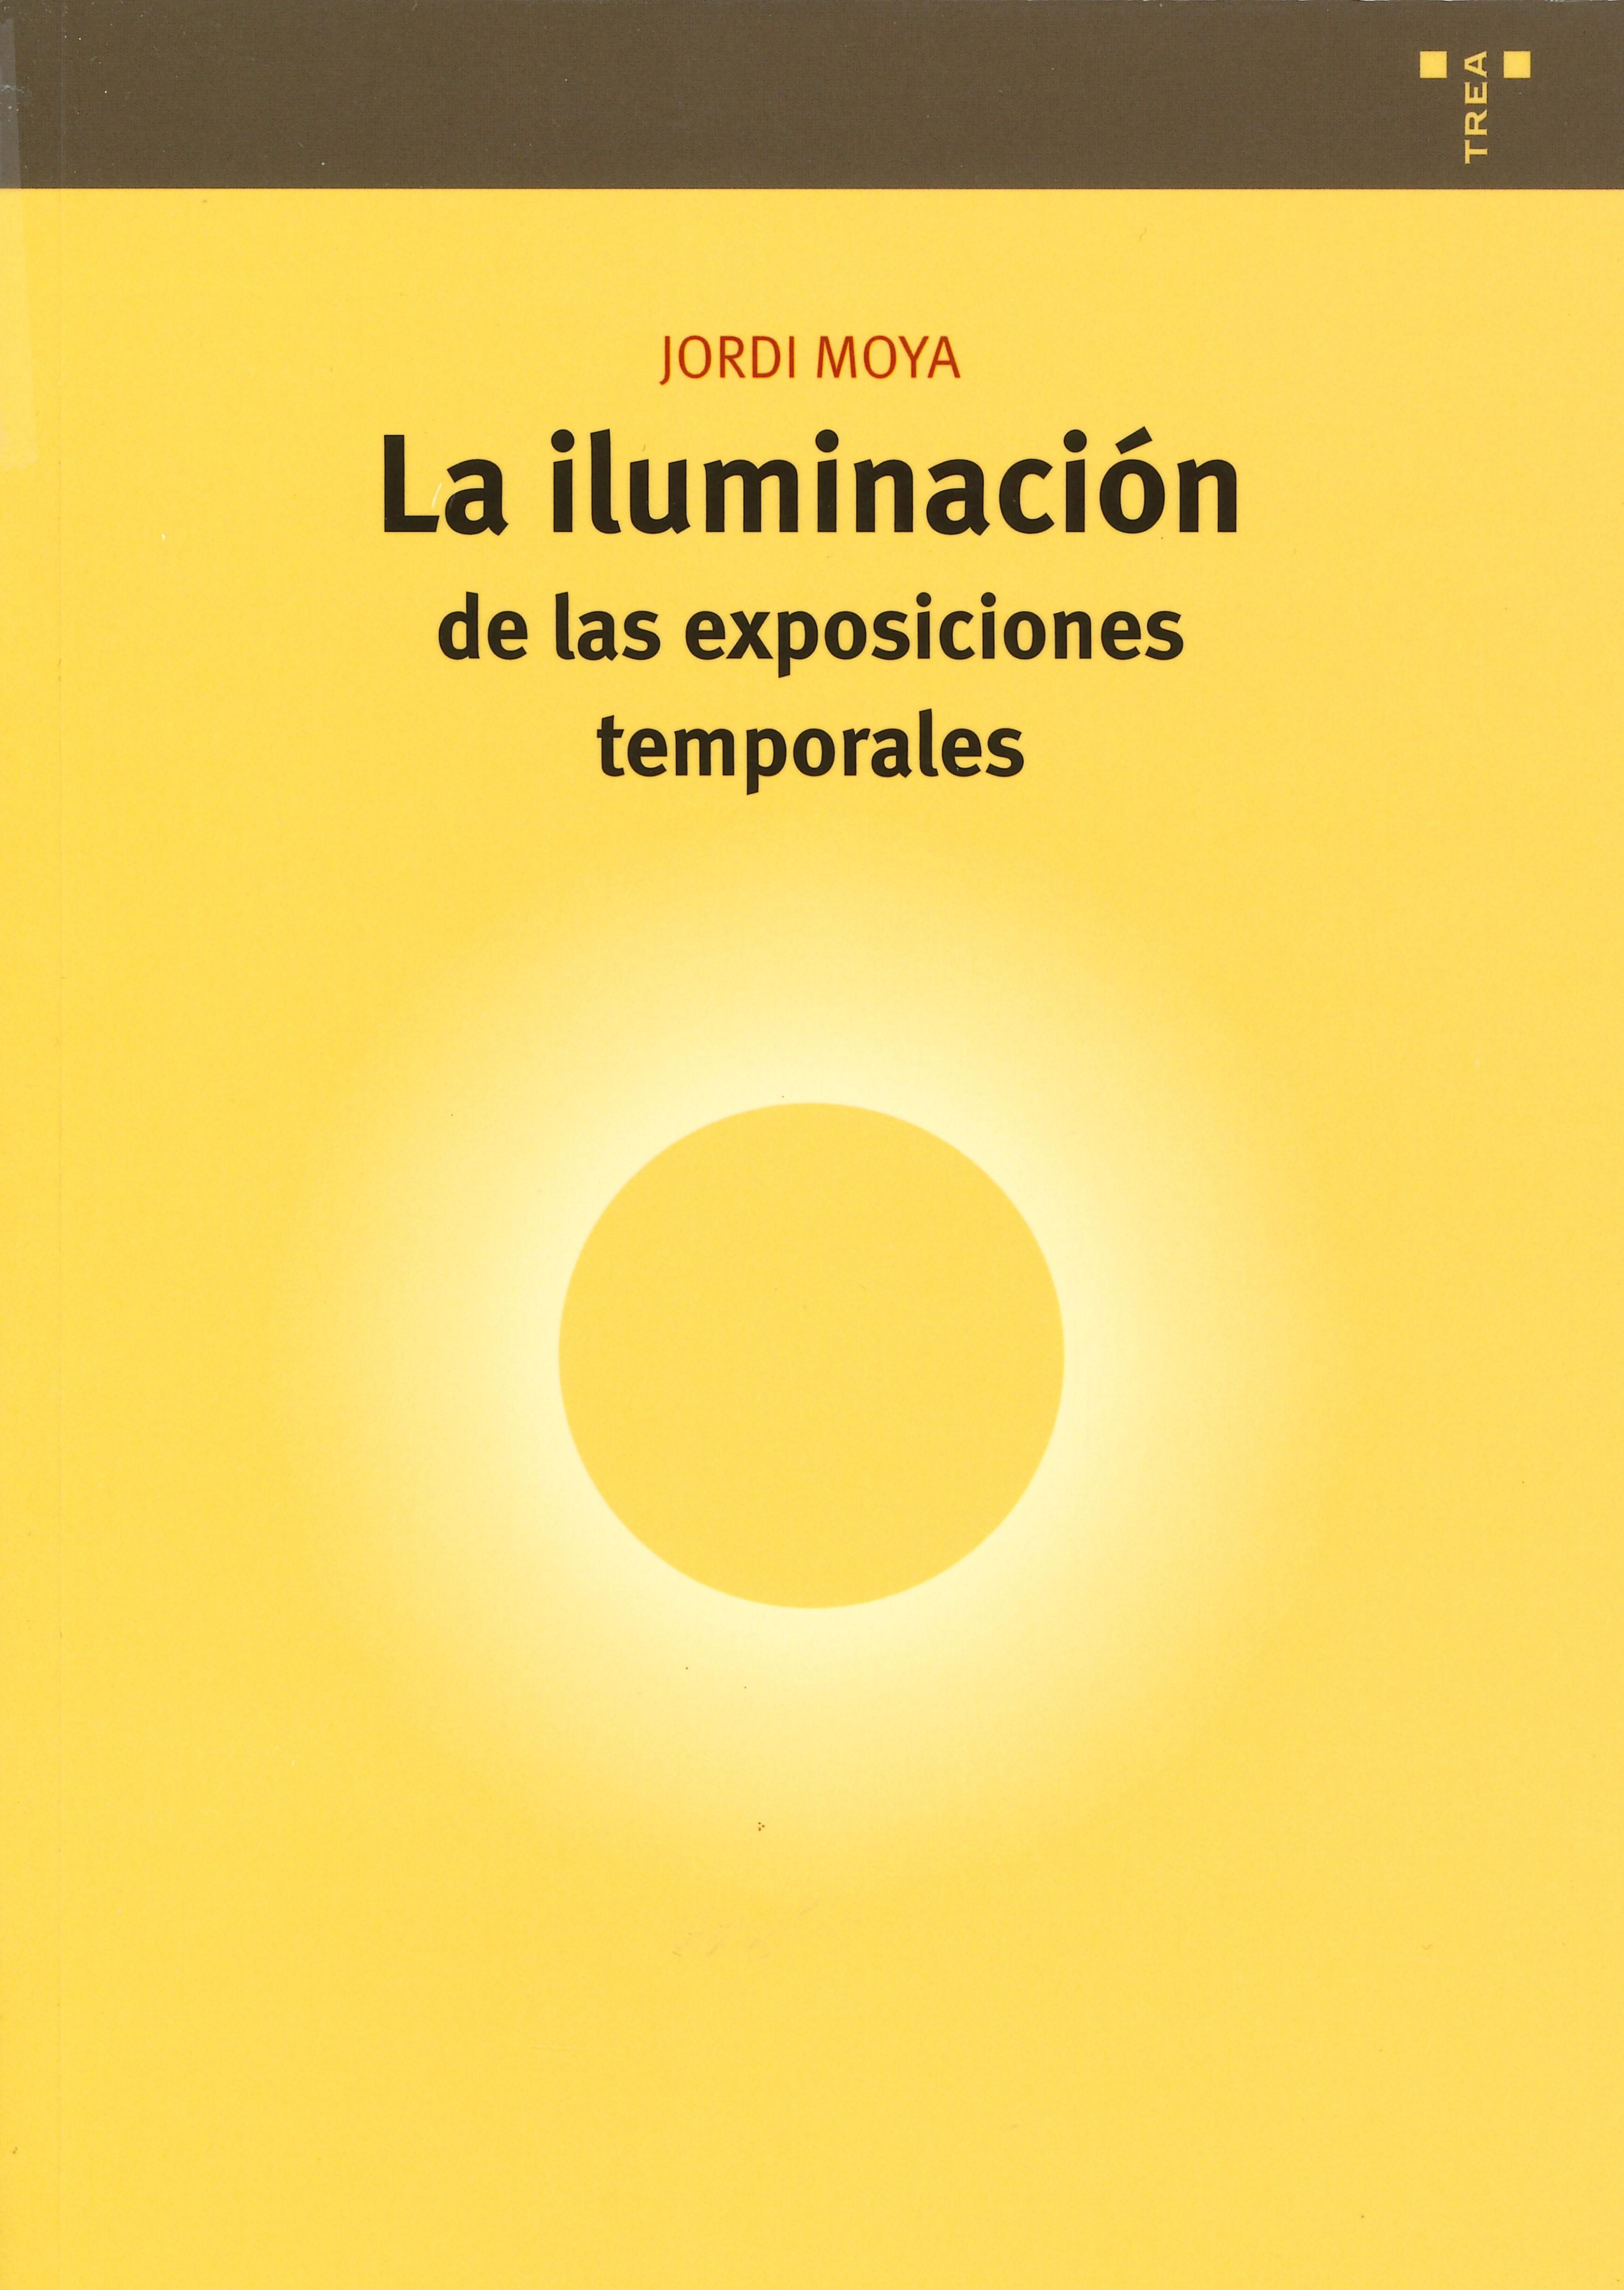 la_iluminacion.jpg